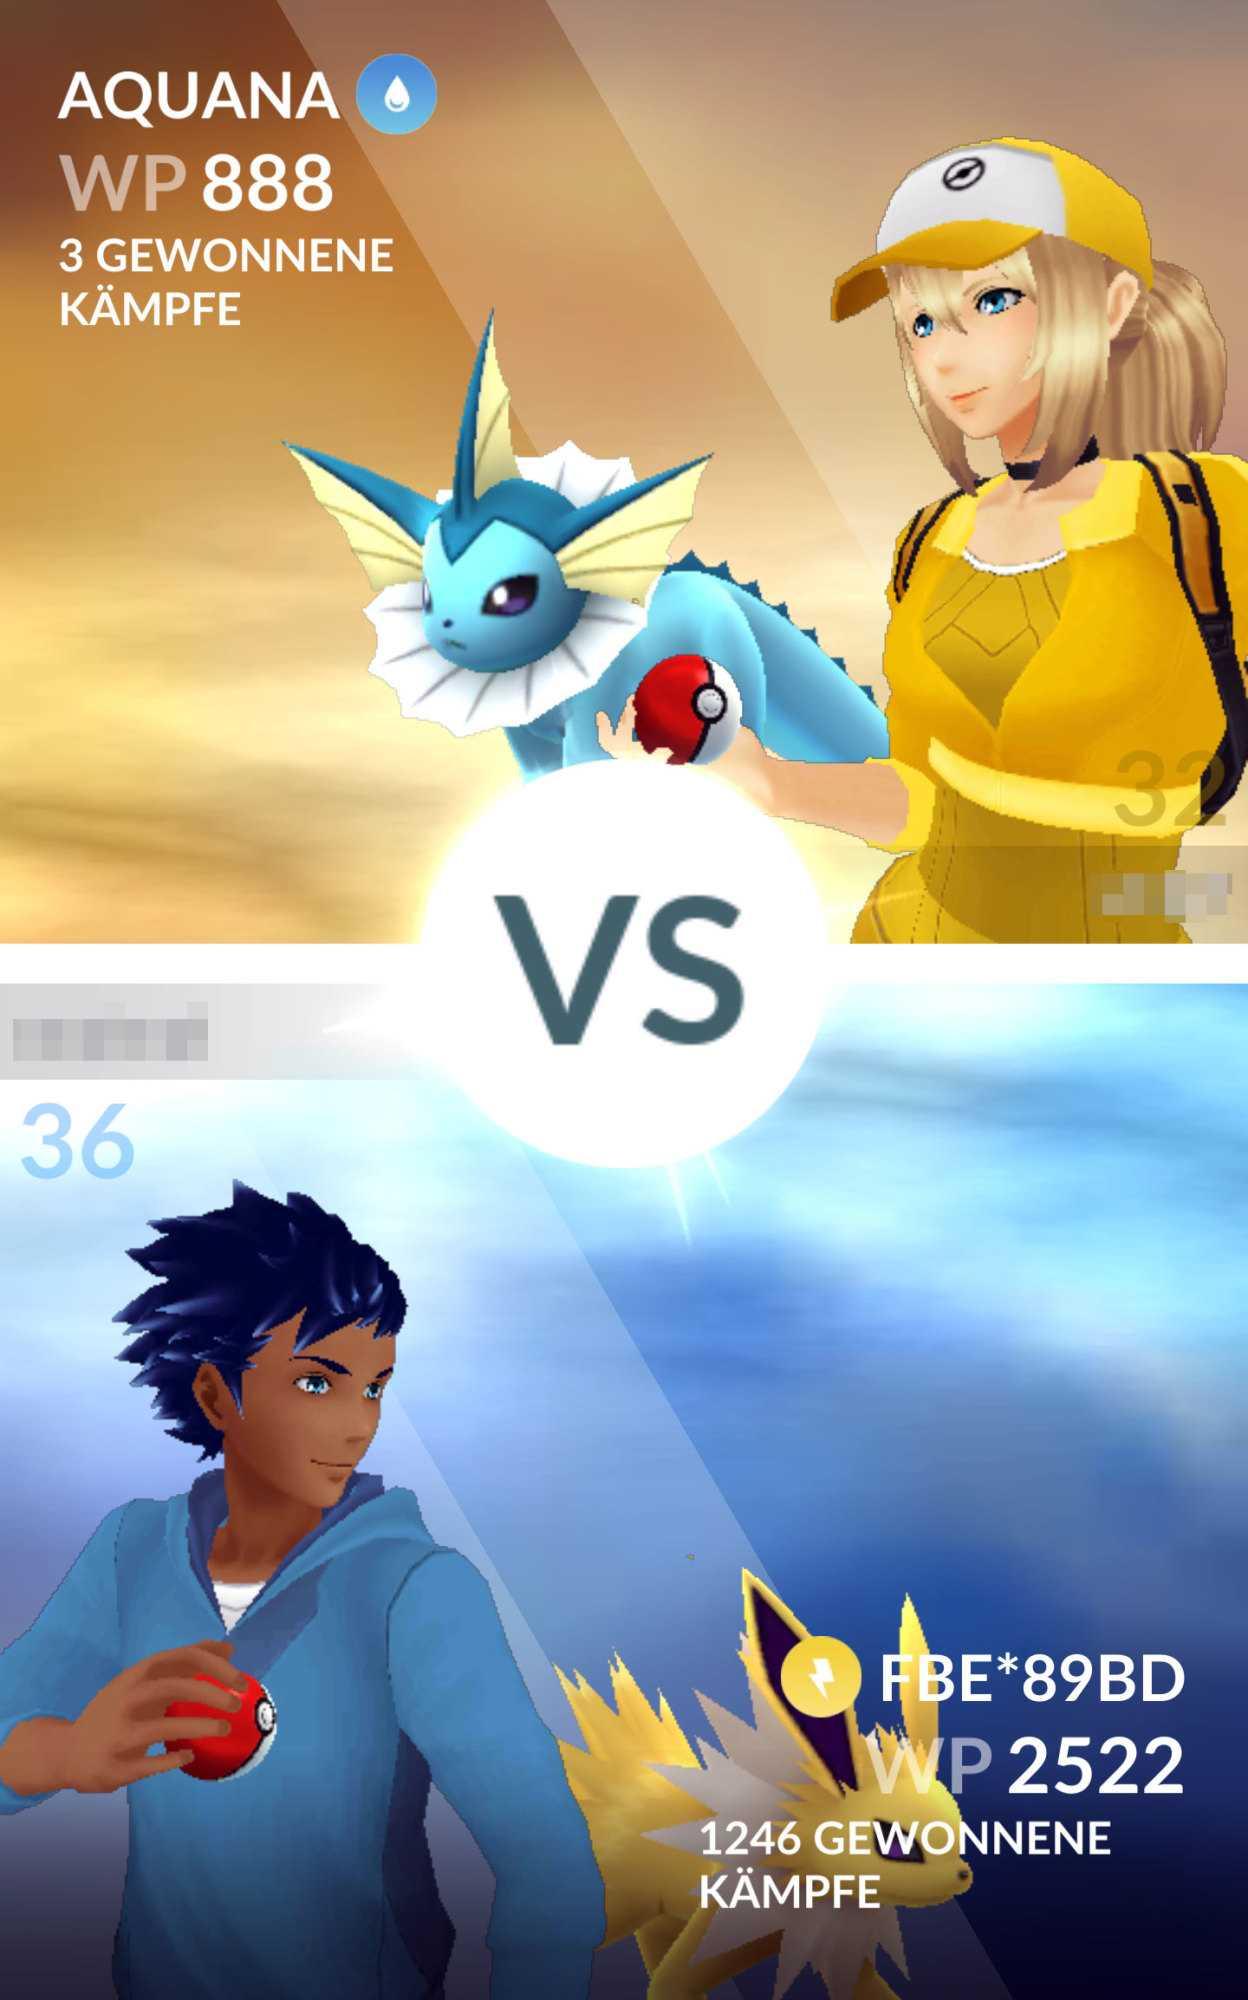 Pokémon Go 24 Stunden Mit Dem Neuen Arena System Heise Online